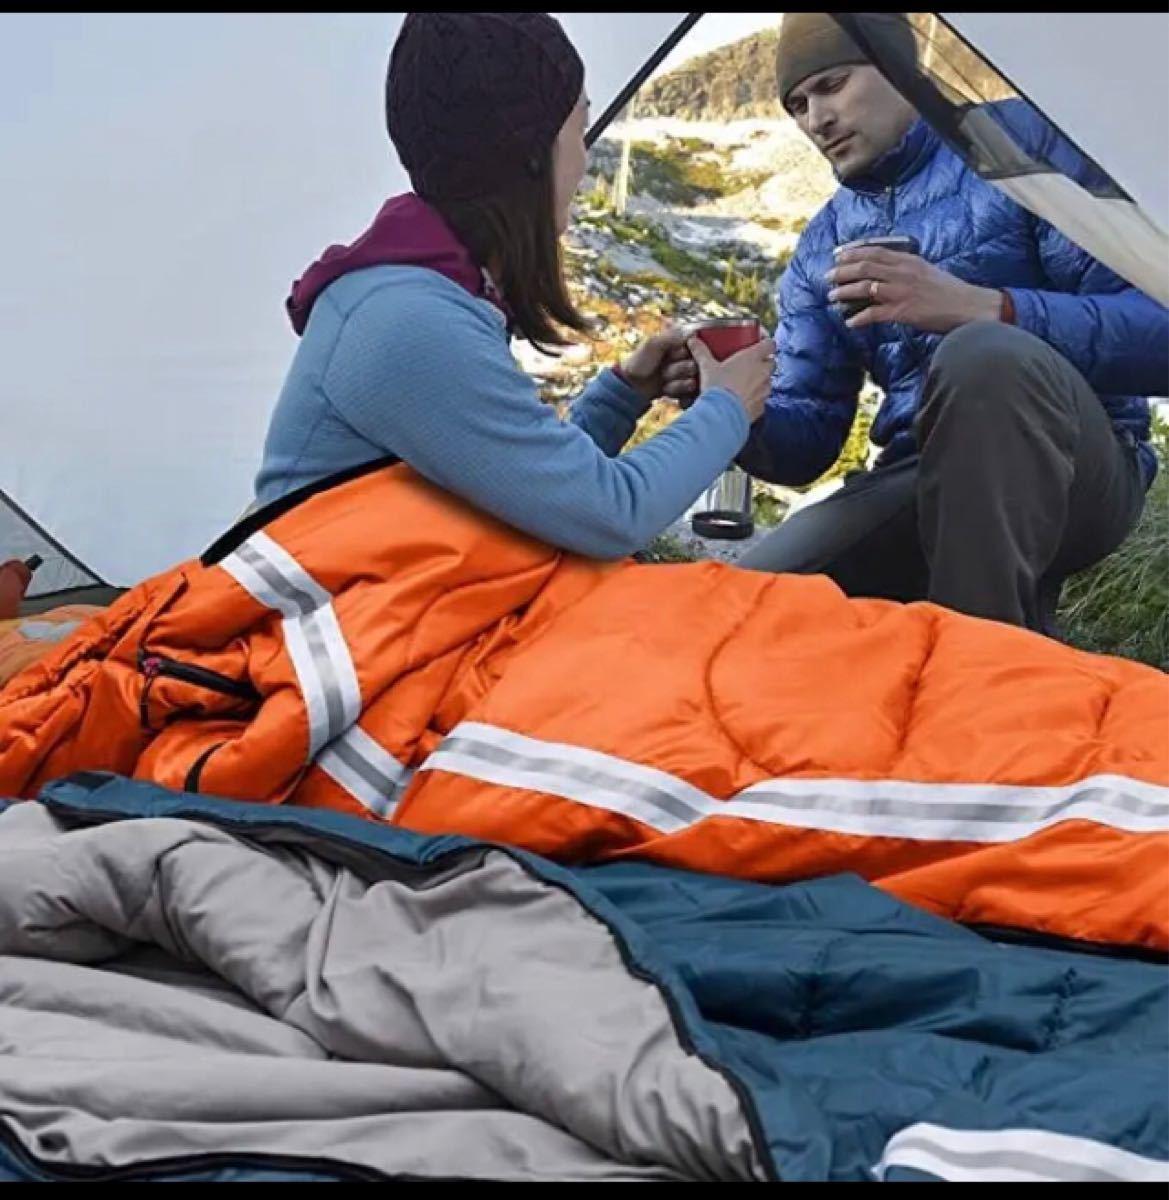 ★★大人気★★寝袋 シュラフ 封筒型 軽量 保温 210T防水 コンパクト  封筒型シュラフ 寝袋シュラフ 収納袋 軽量 春夏